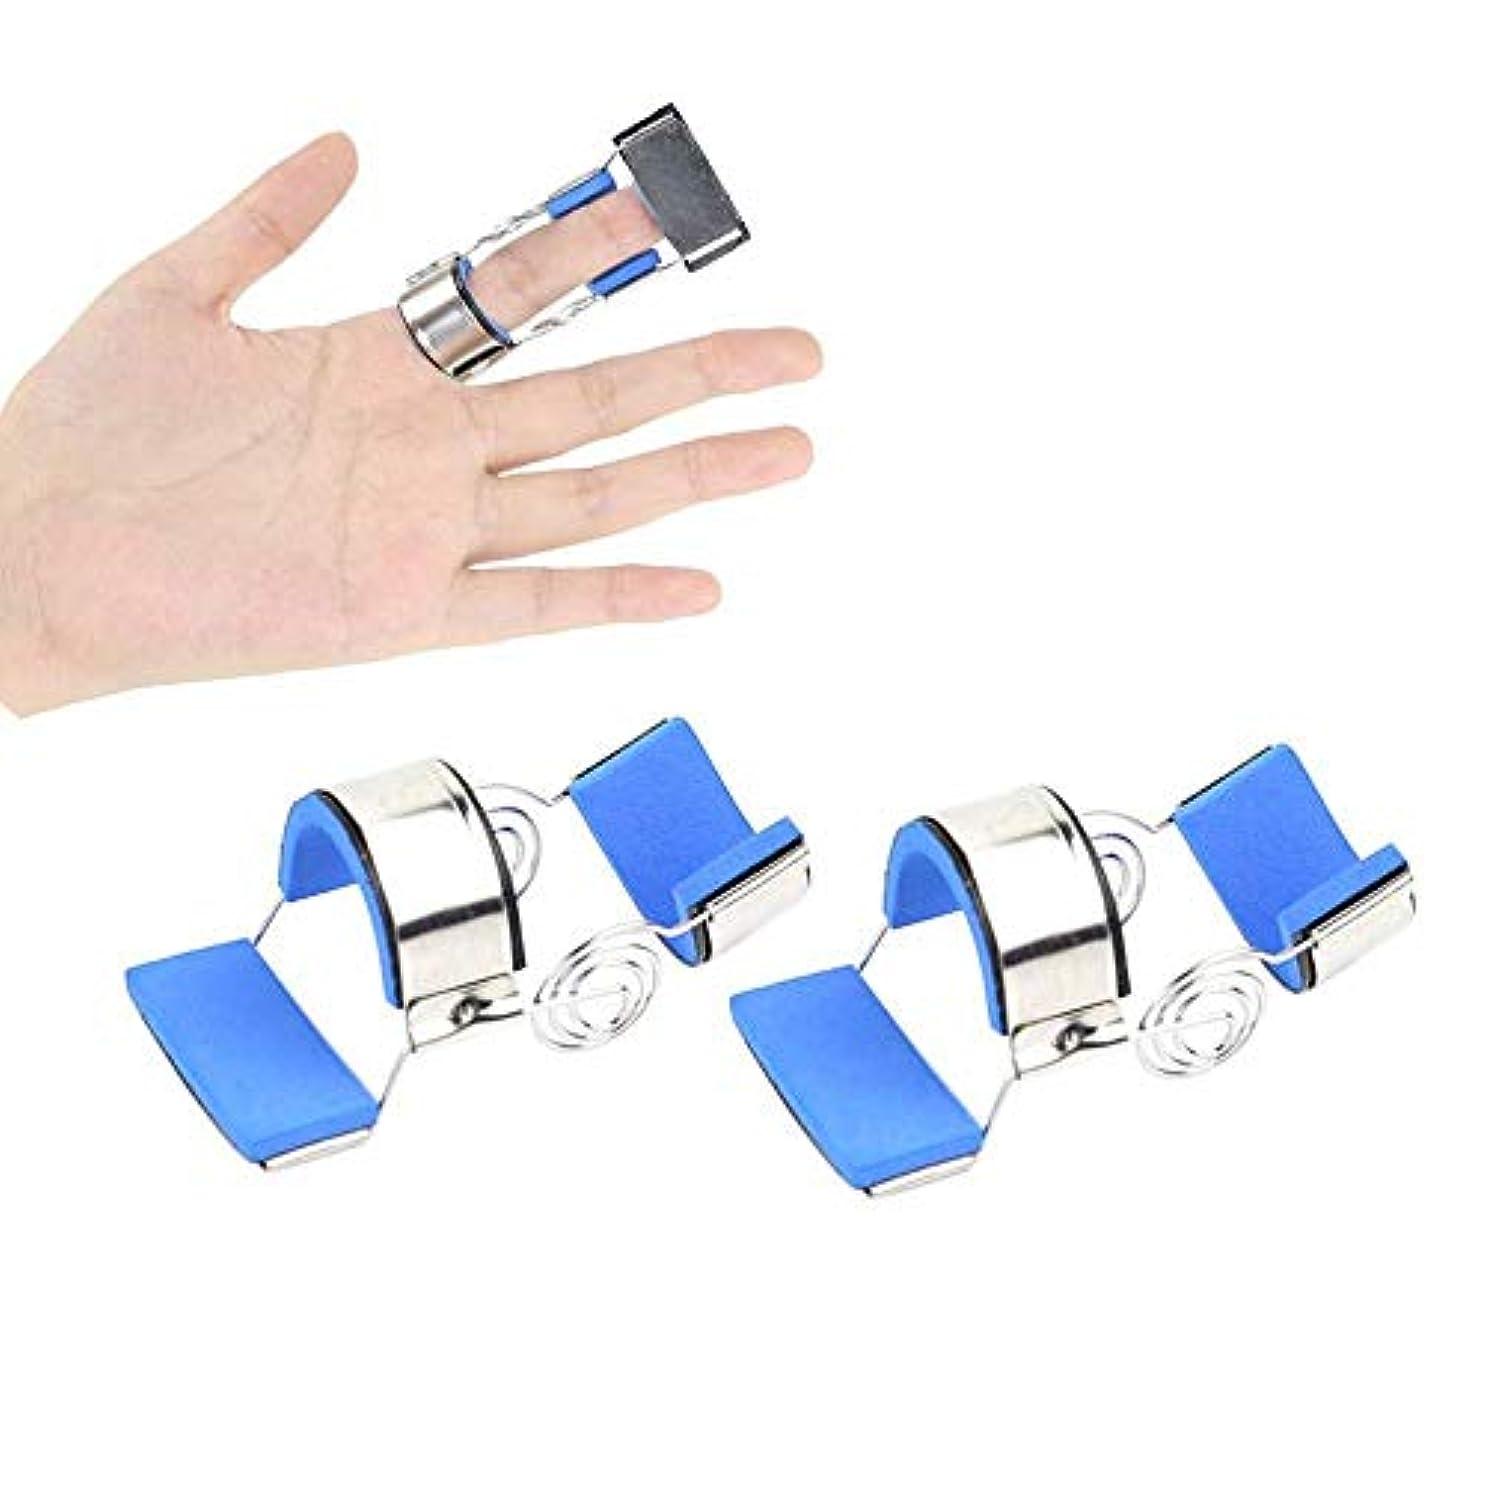 バーターマングル苛性指の負傷サポート、骨折固定スプリント関節炎圧痛緩和リハビリテーション訓練,M